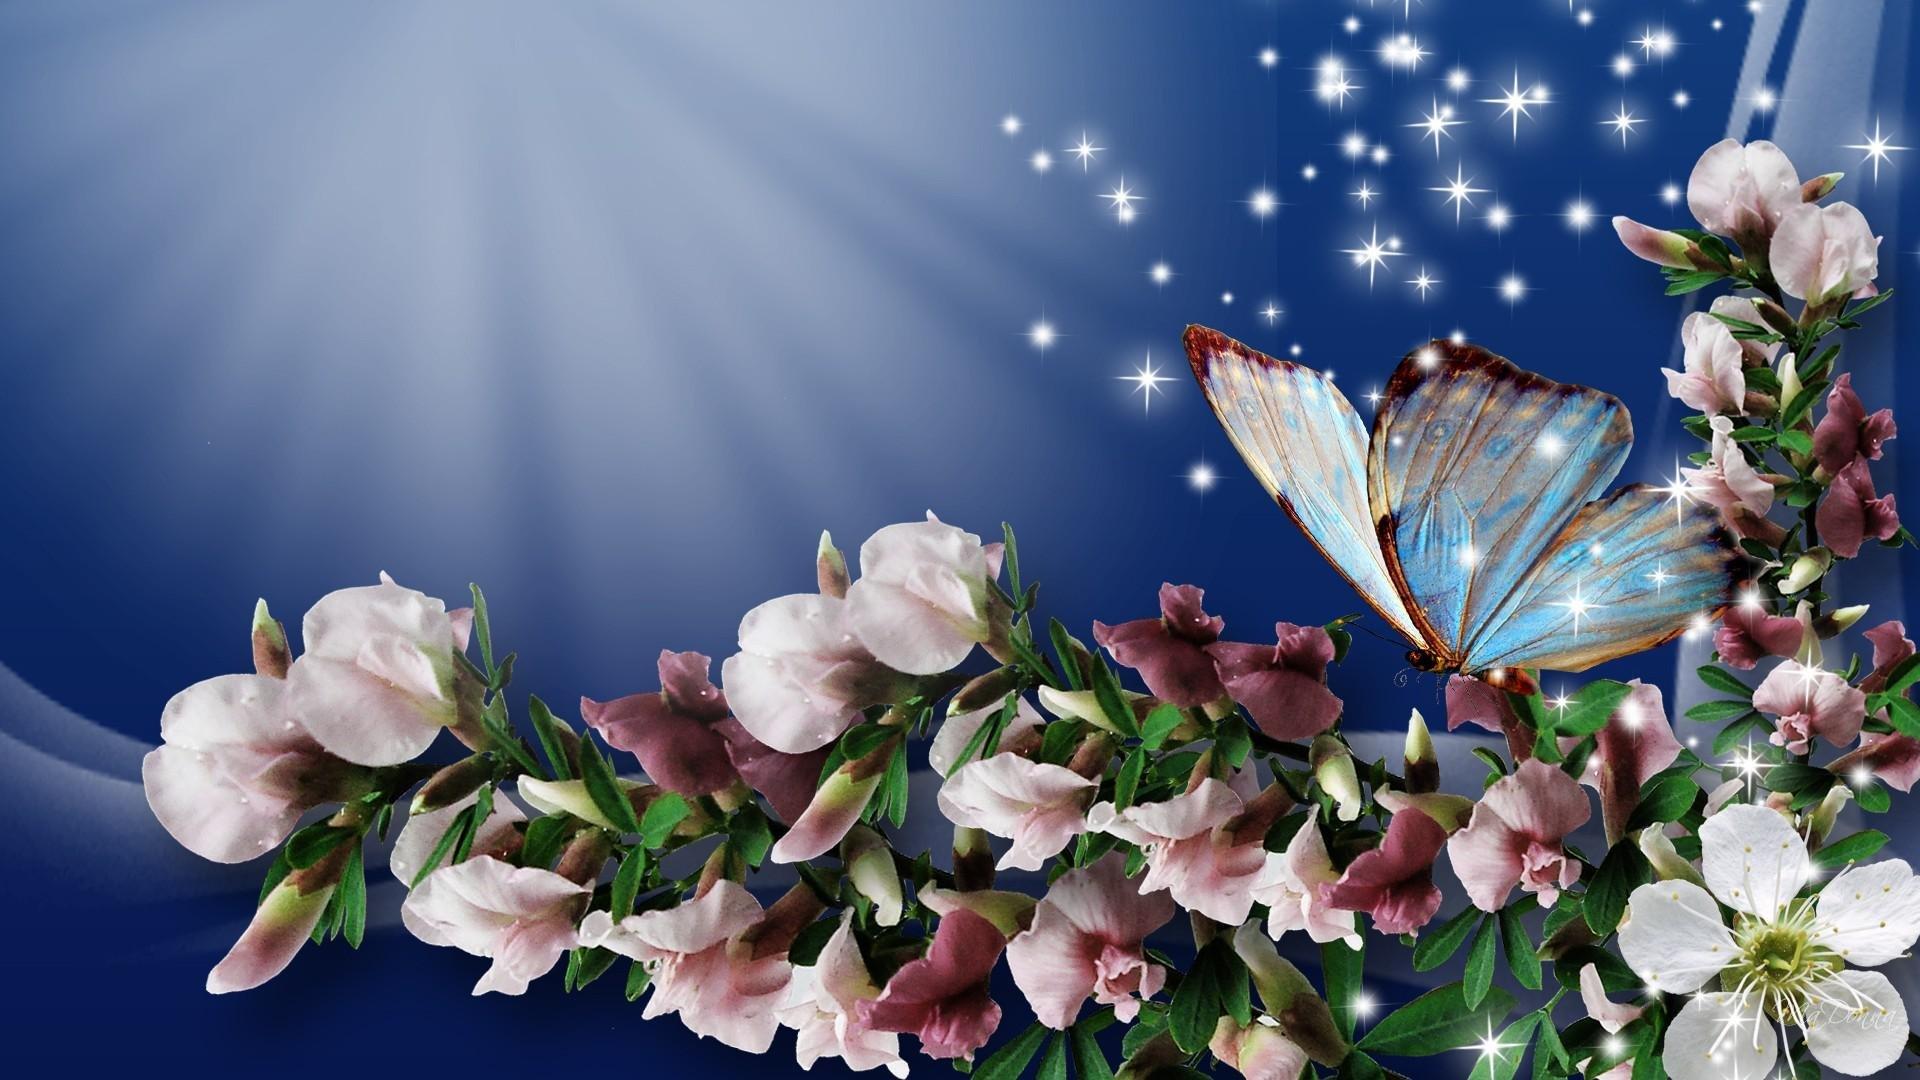 Flowers and butterflies wallpaper   SF Wallpaper 1920x1080